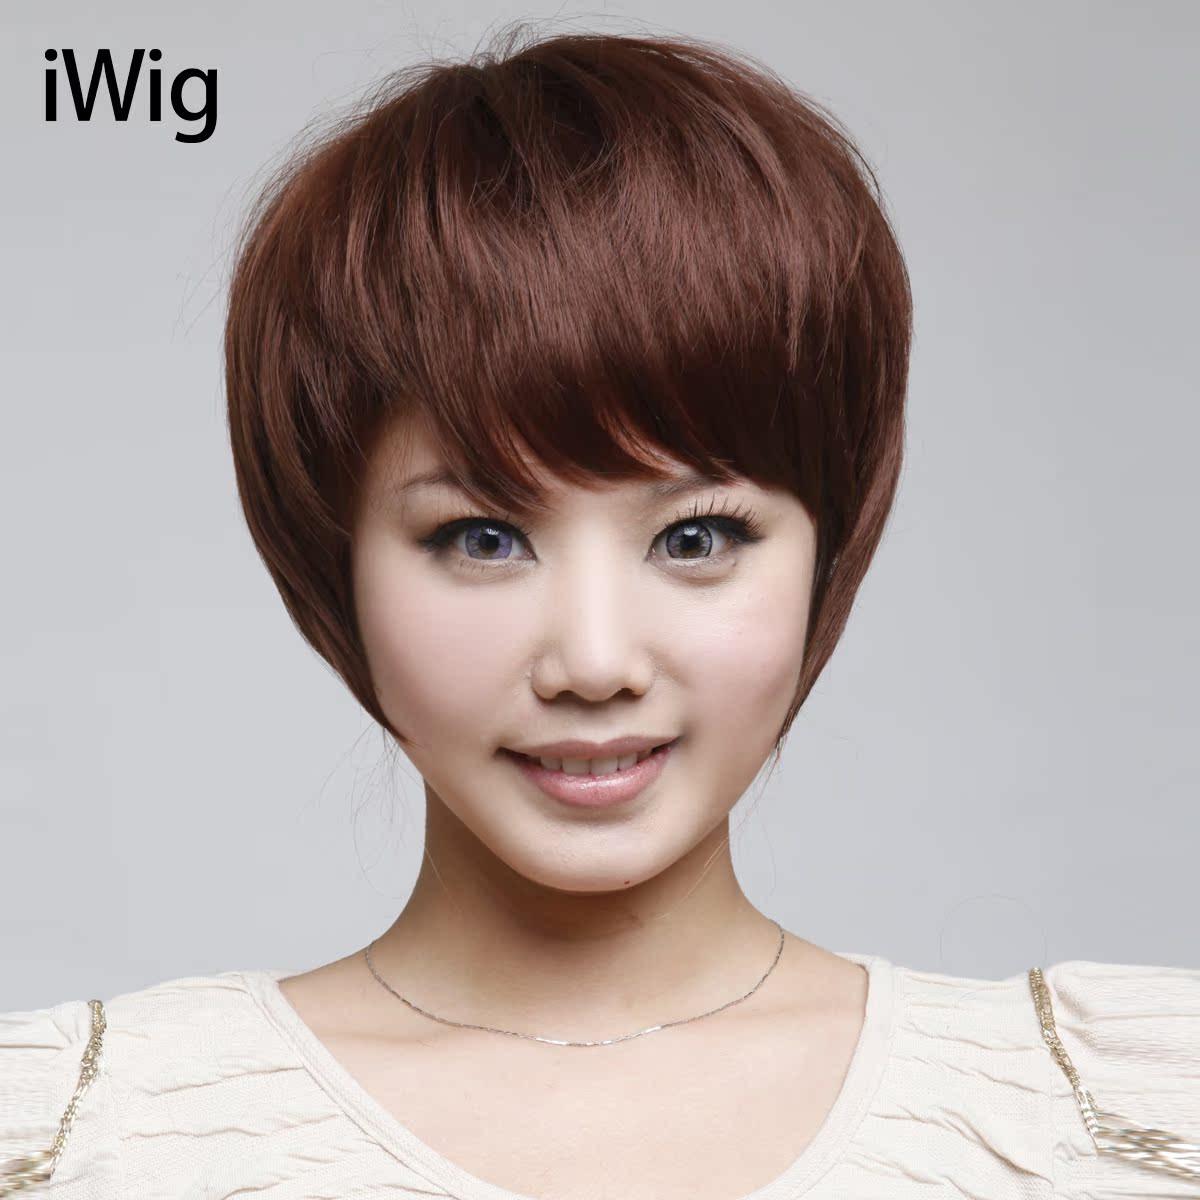 Iwig_1